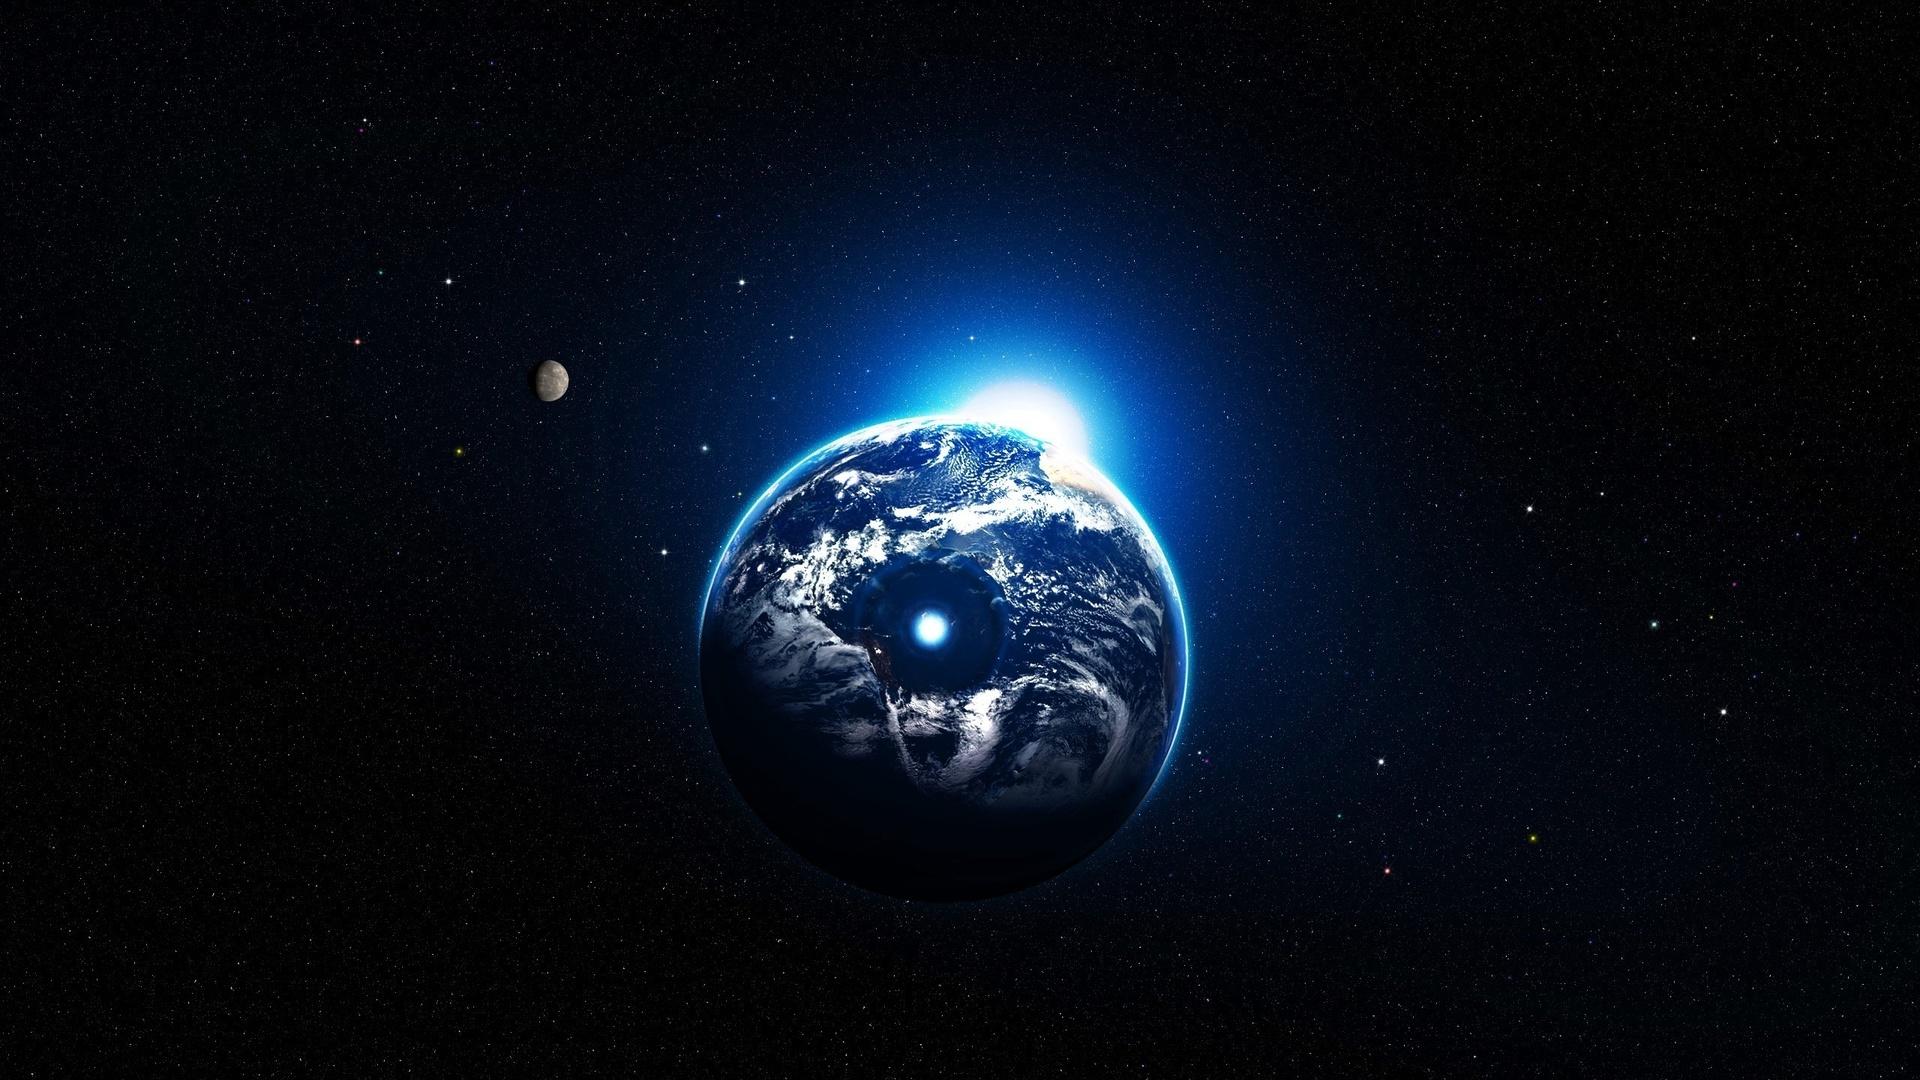 планета обои: